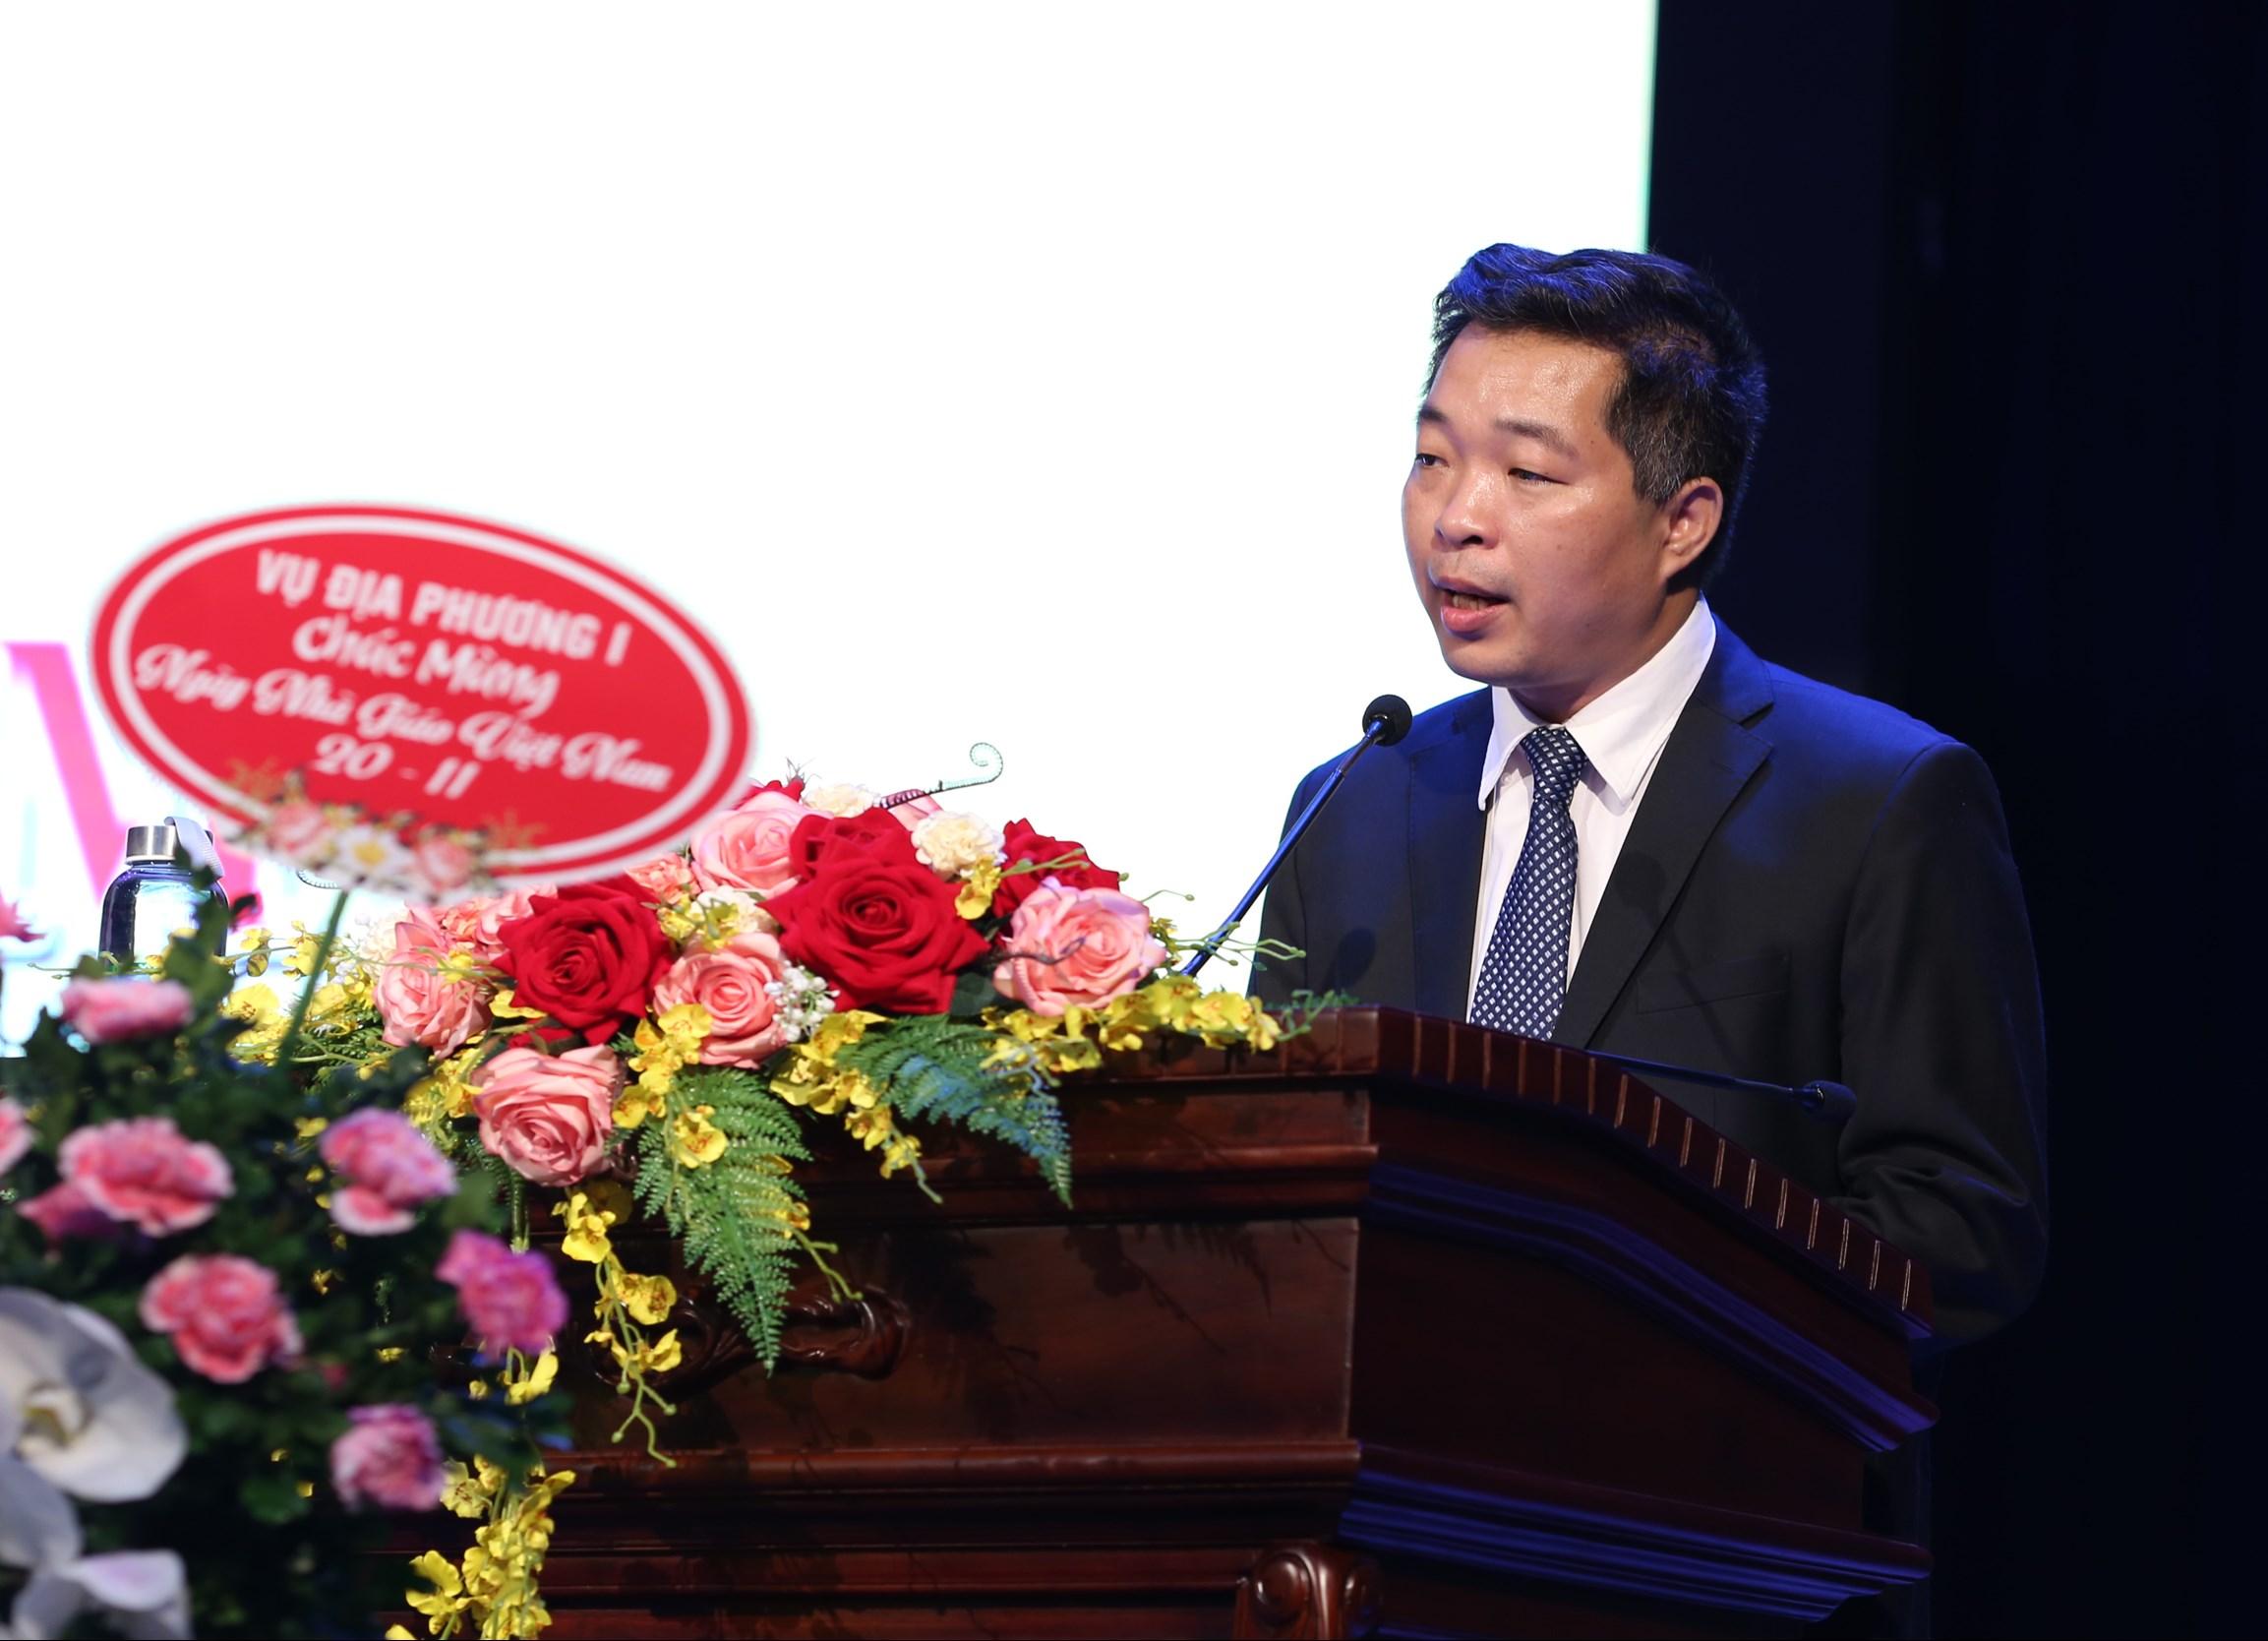 PGS.TS Trần Trung, Quyền Giám đốc Học viện Dân tộc ôn lại truyền thống của ngành giáo dục và Học viện Dân tộc